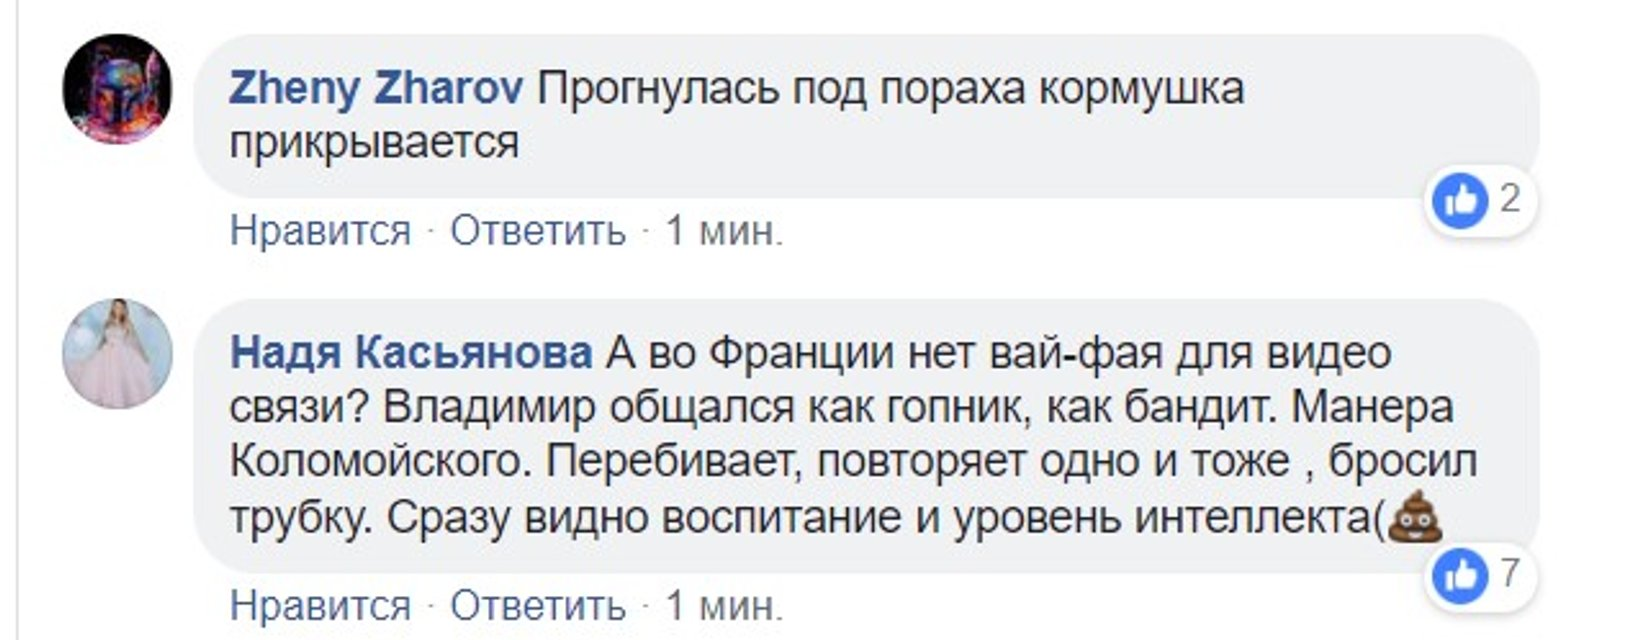 Тимошенко проехалась по Зеленскому и стала порохоботом (ВИДЕО) - фото 179333